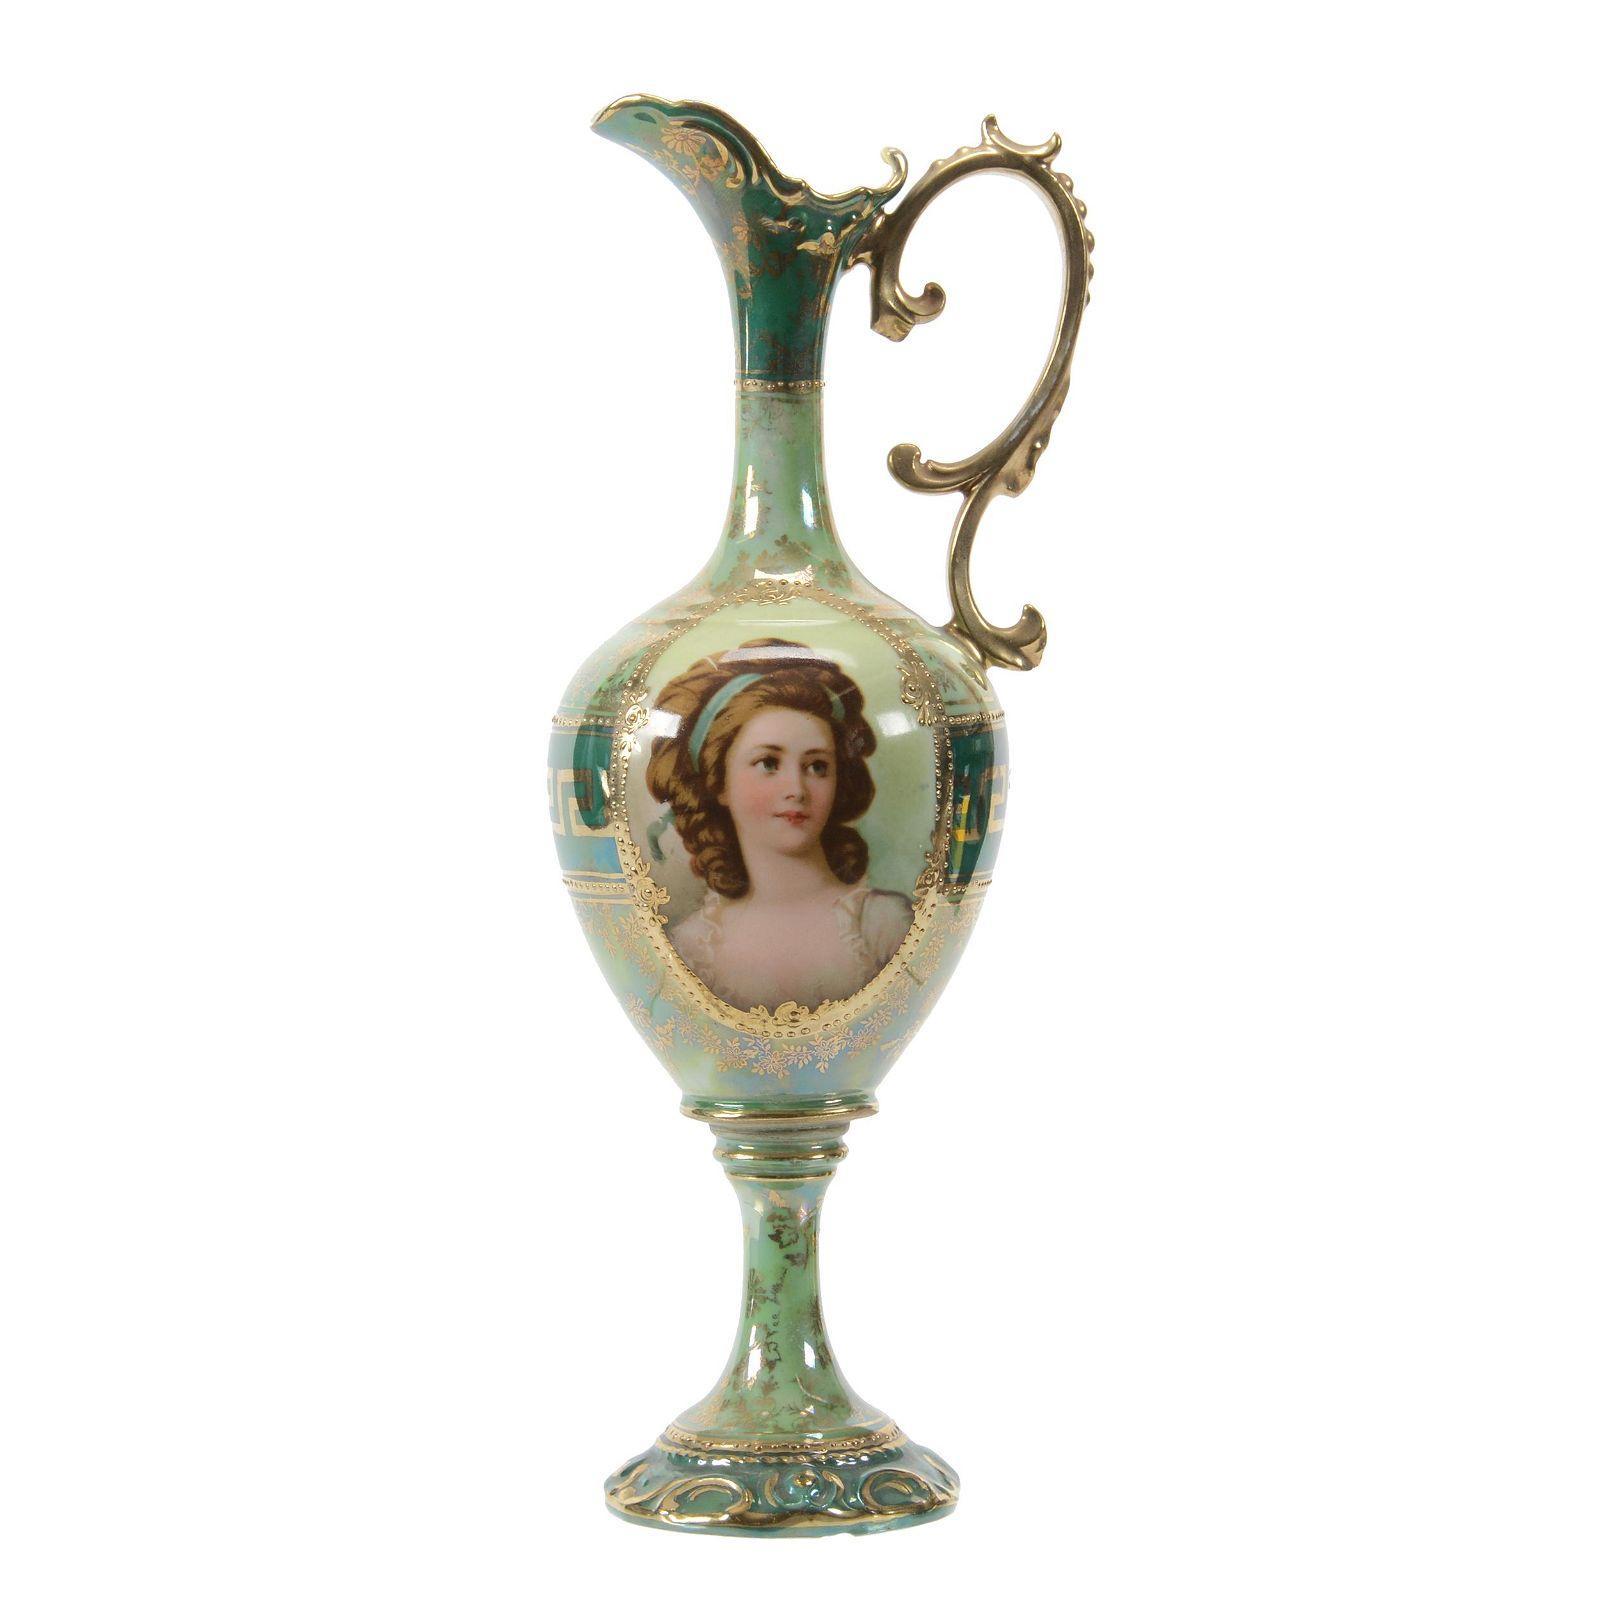 Pedestal Ewer Marked Royal Vienna, Portrait Decor